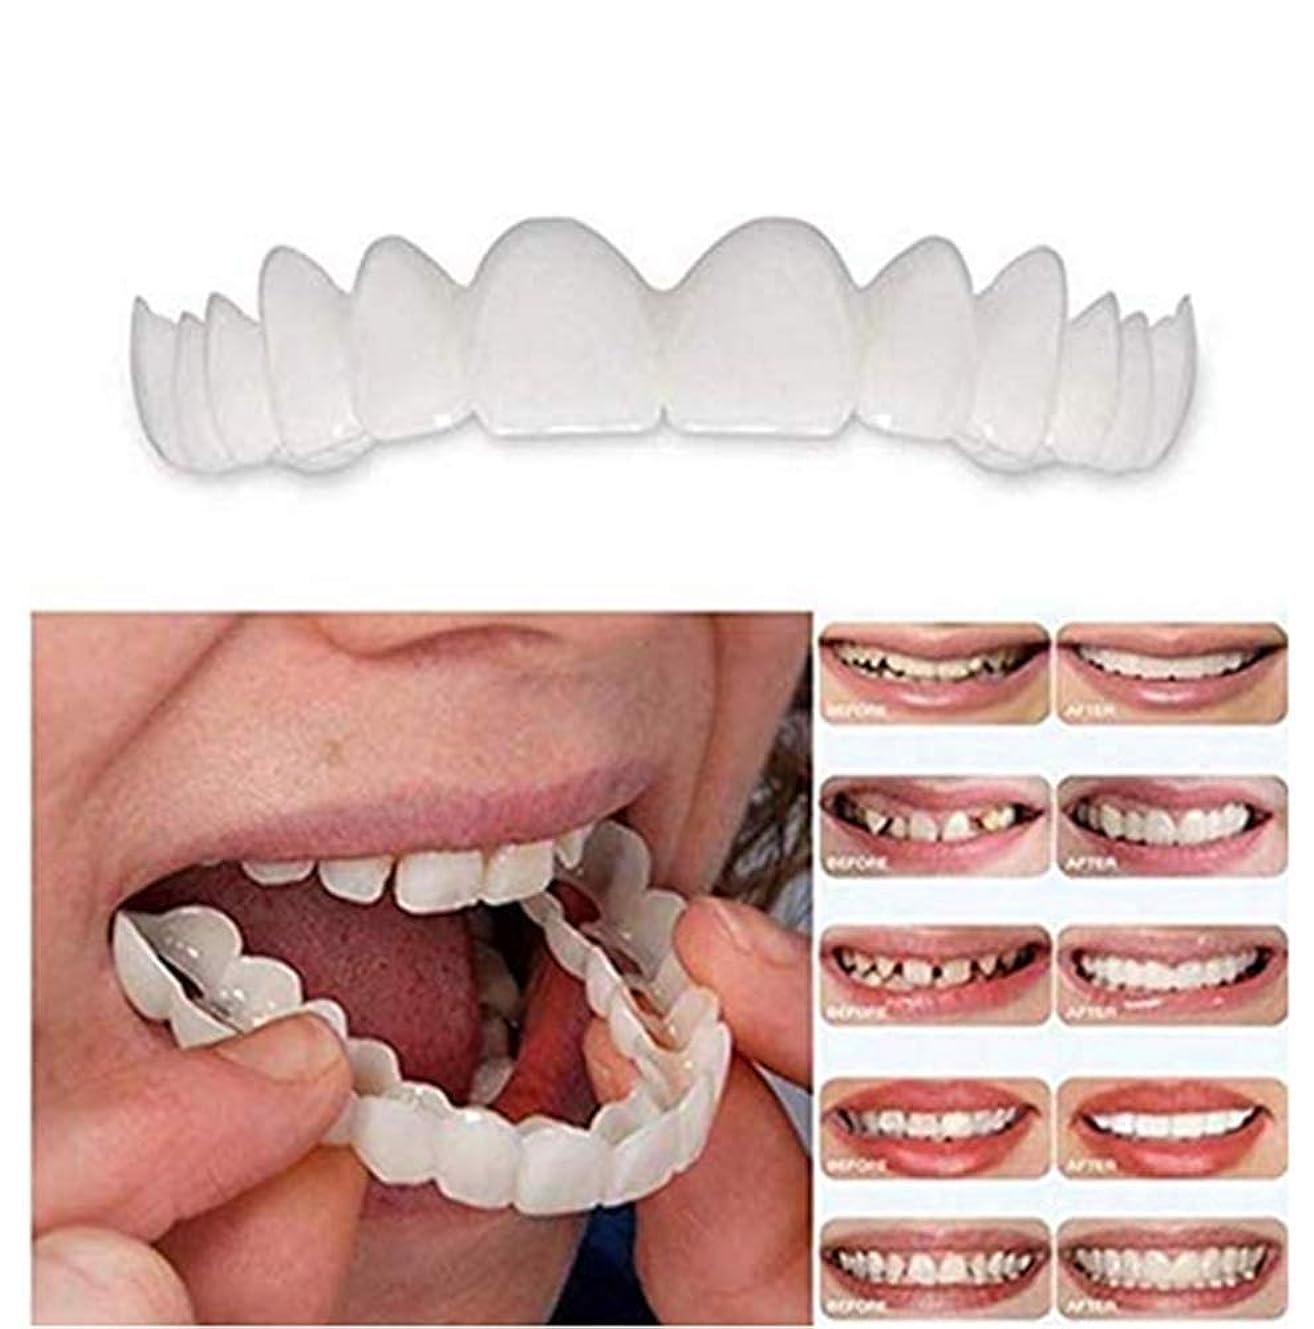 せがむ本部蛇行2PCS /セット(上下の歯の義歯)上下の一時的な反本物の義歯インスタントスマイルコンフォートフィットフレックス化粧品歯義歯歯トップ化粧品突き板